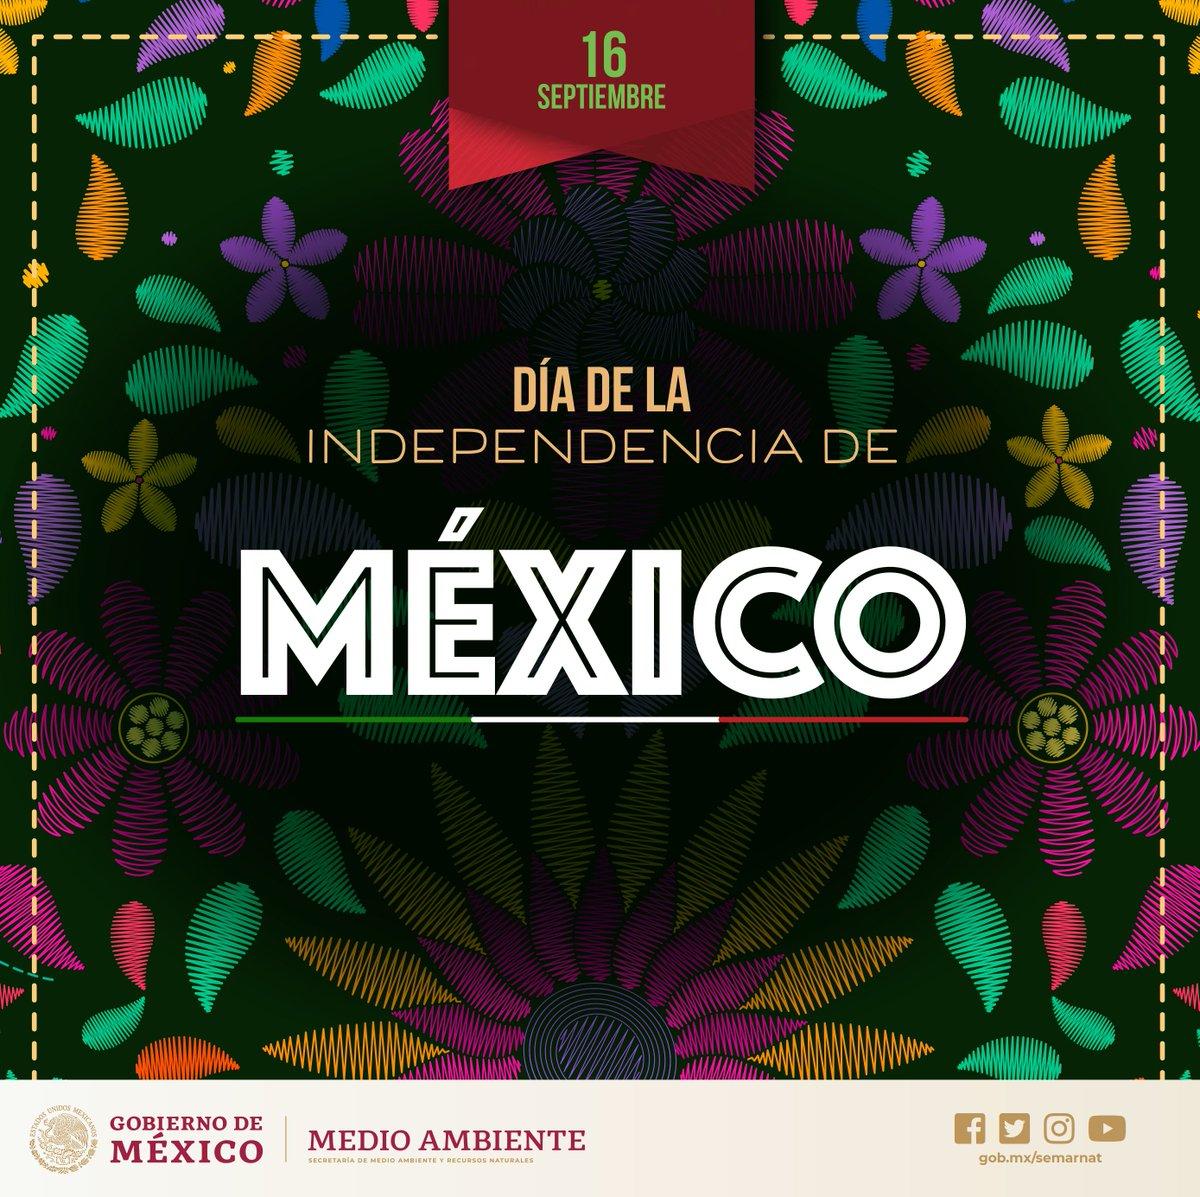 ¡Feliz día de la #Independencia de #México! Hoy y siempre nos sentimos orgullosos de pertenecer a uno de los países con mayor megadiversidad. 🐦🦋🐝🐺